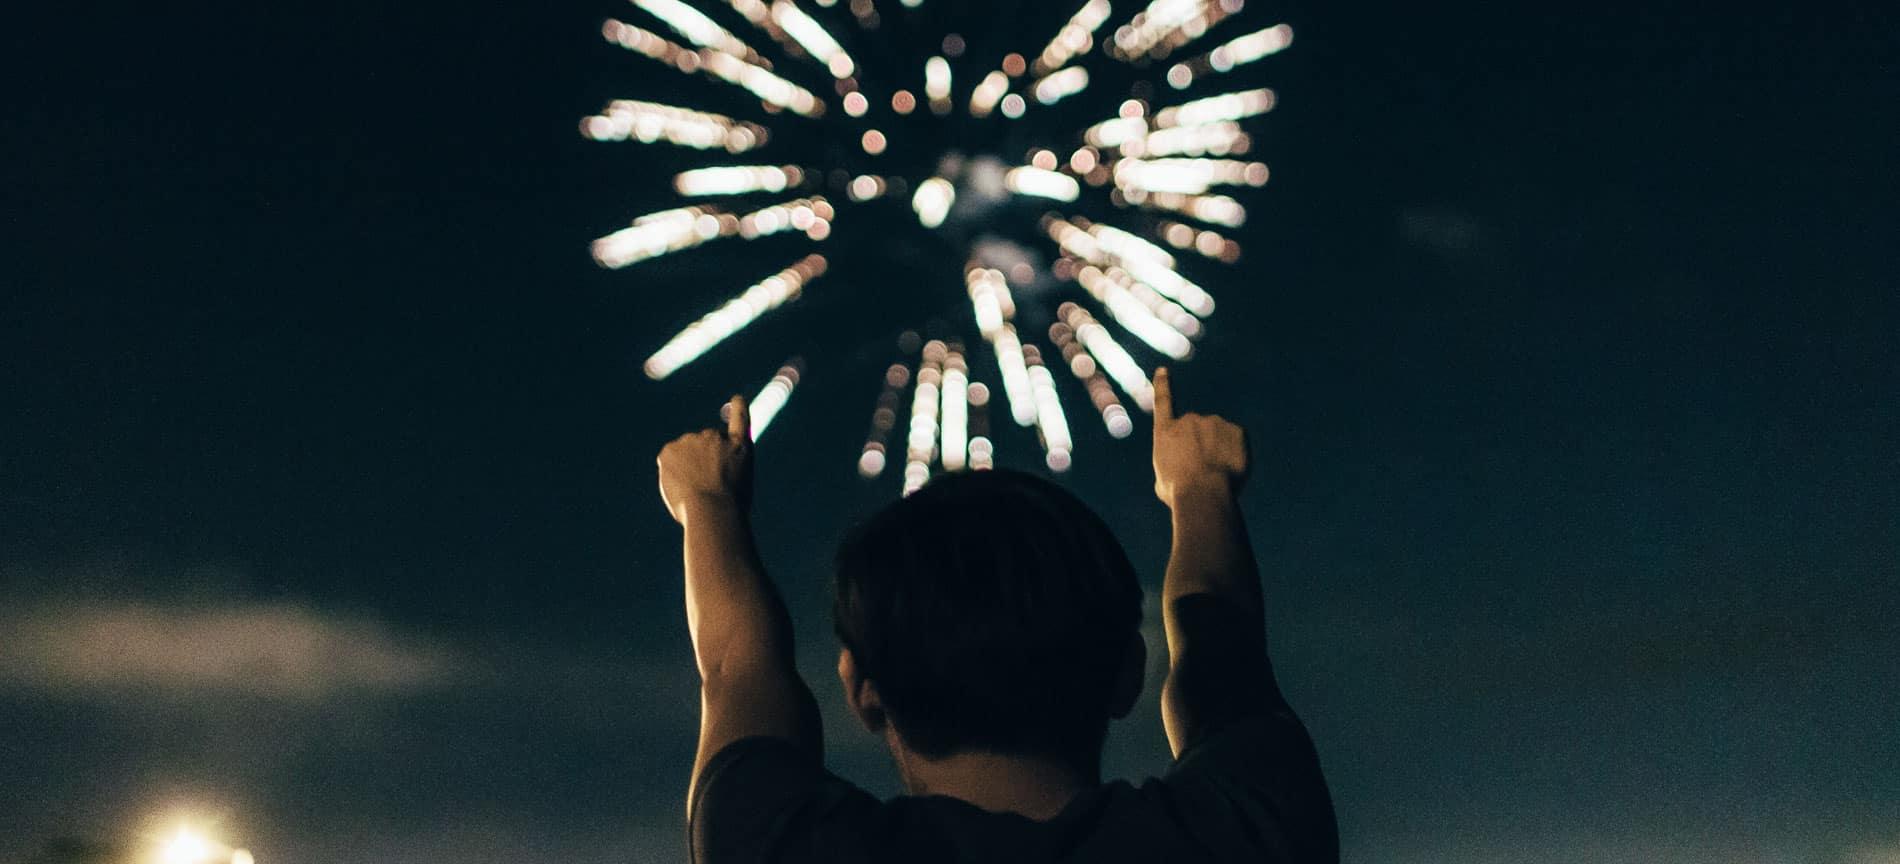 Fireworks Slider